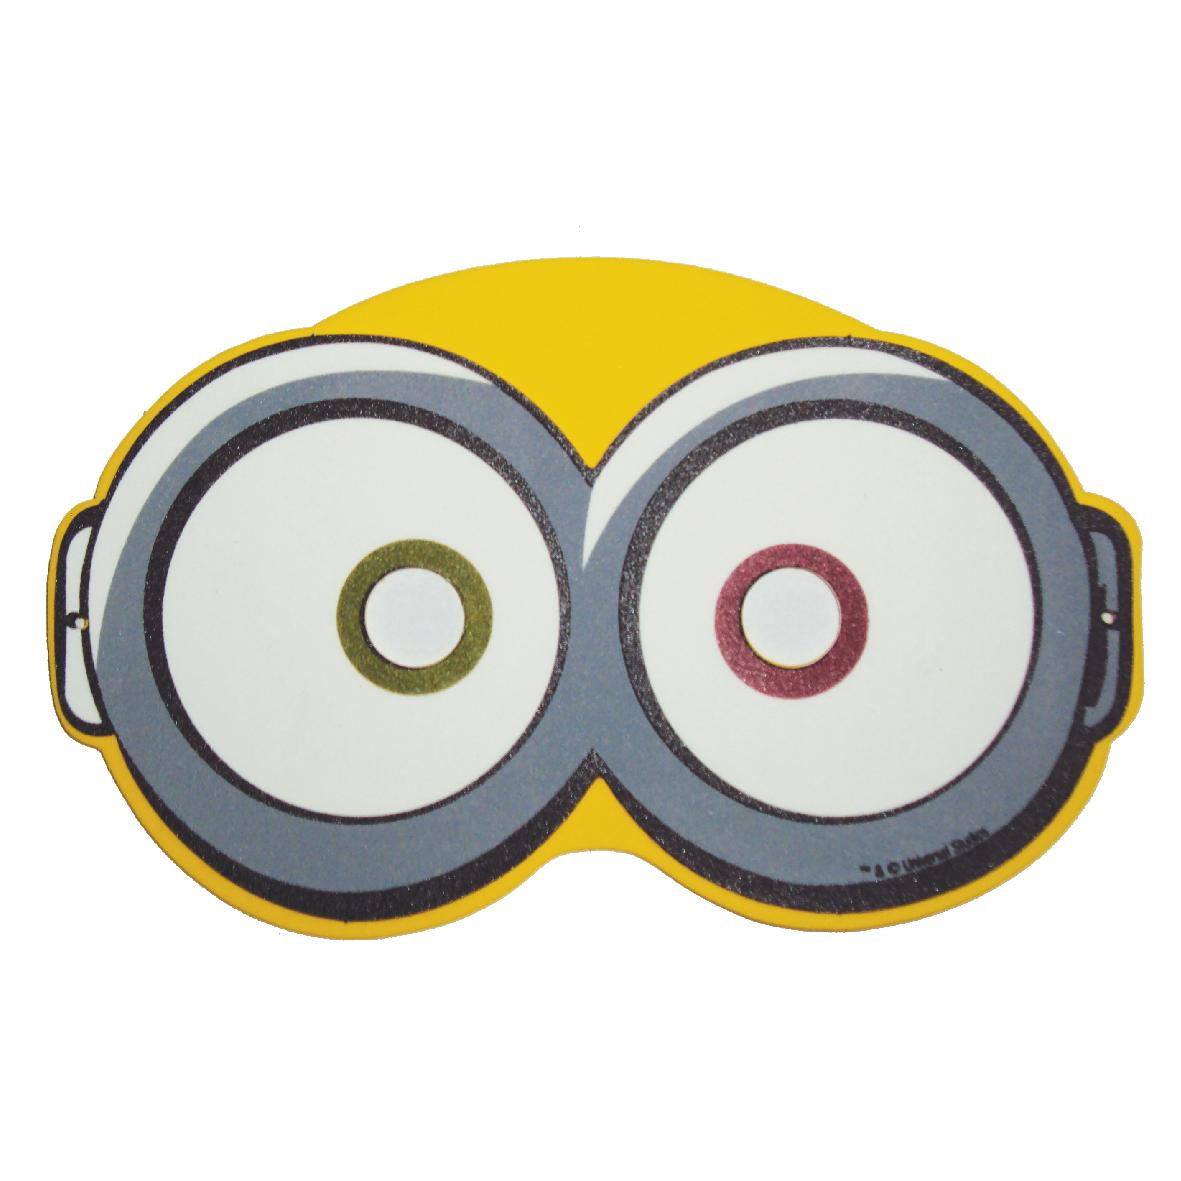 Kit mascara Minions c/3pçs 1